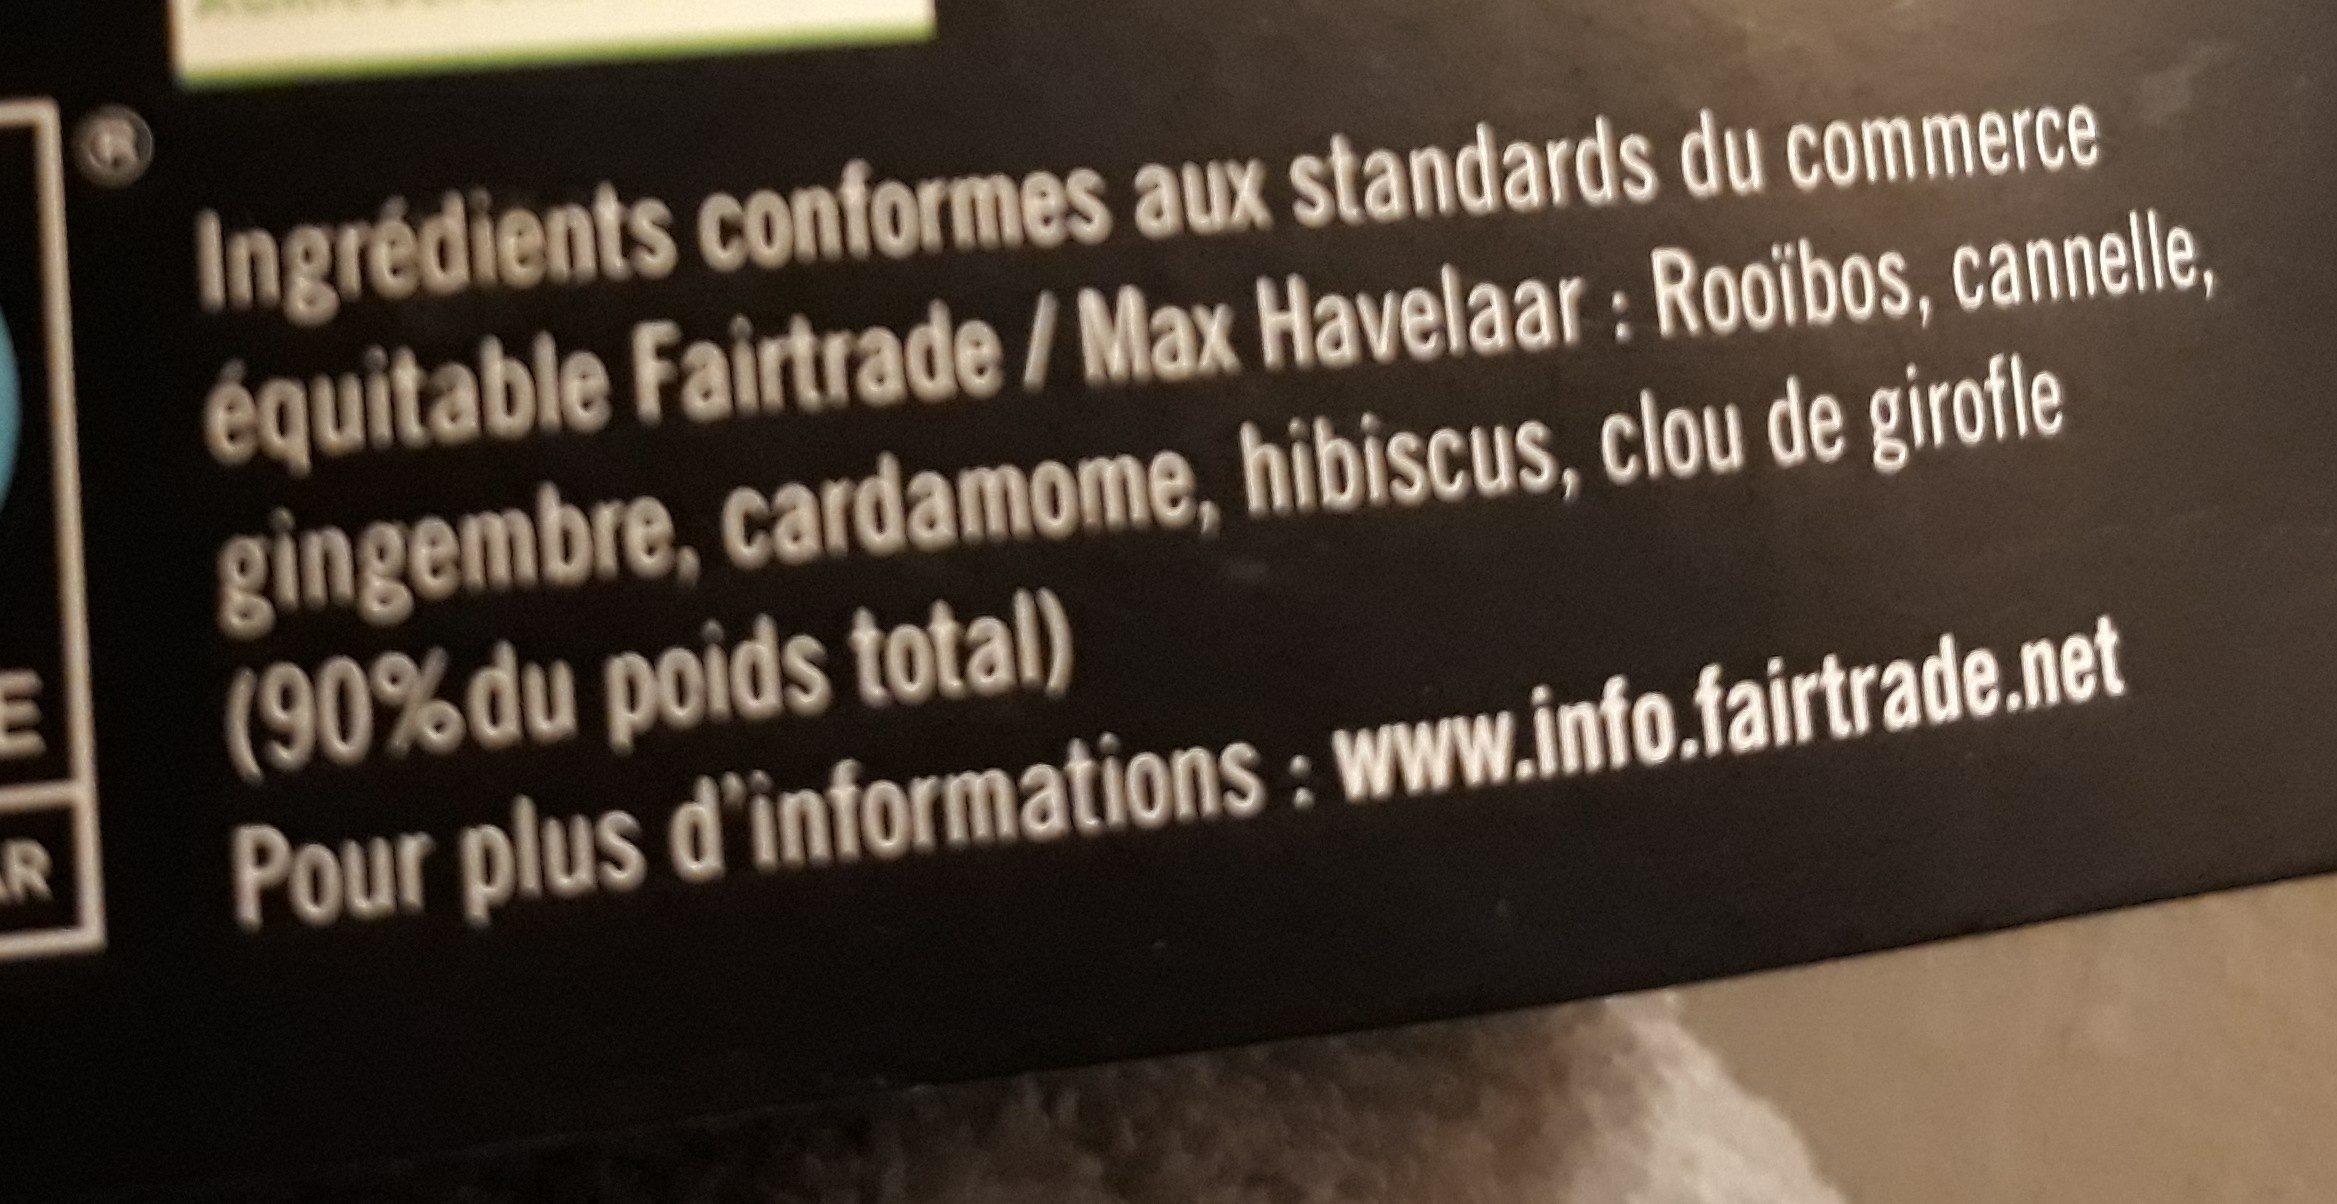 Rooibos de noel - Ingrédients - fr